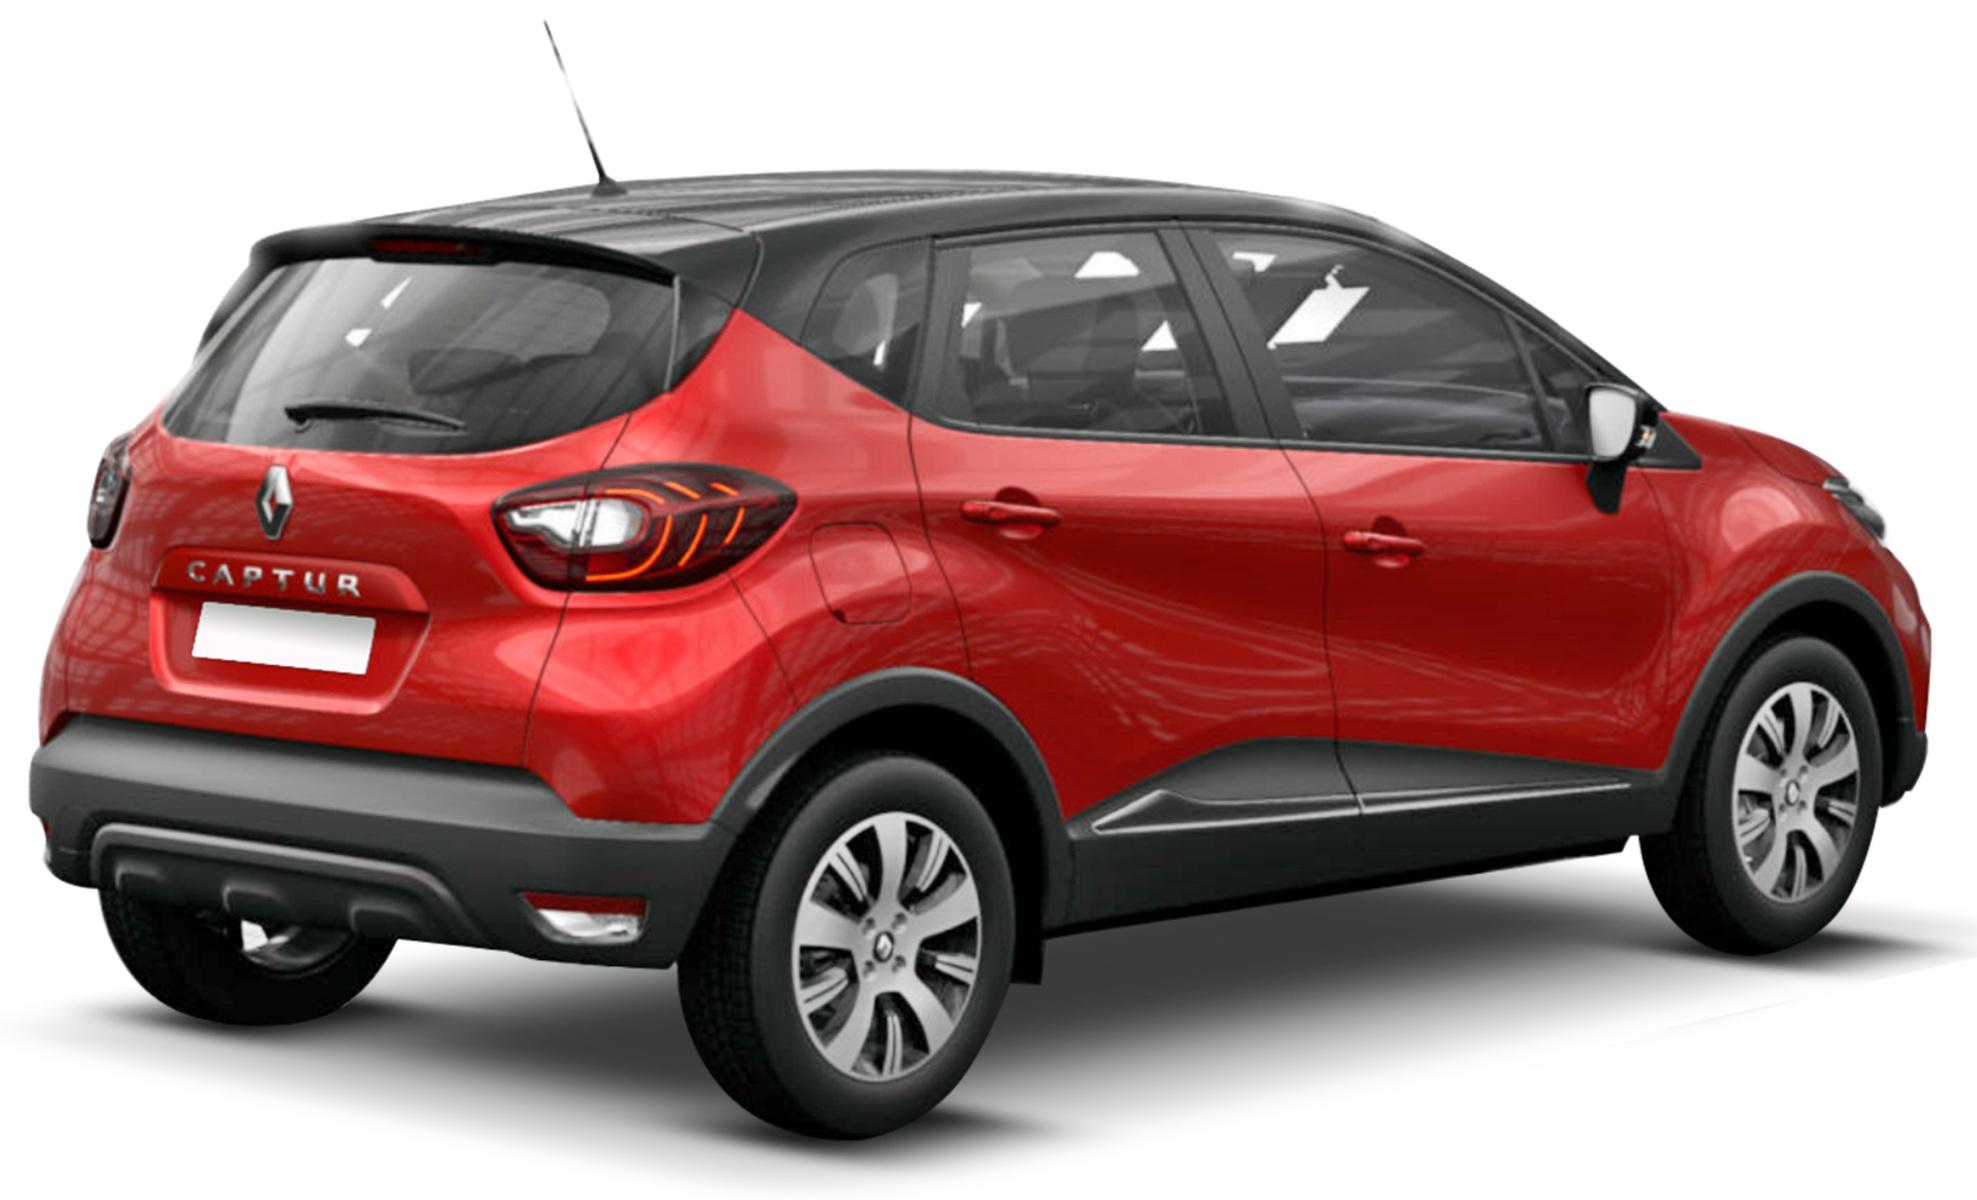 Infiniti 2017 >> Listino Renault Captur prezzo - scheda tecnica - consumi - foto - AlVolante.it